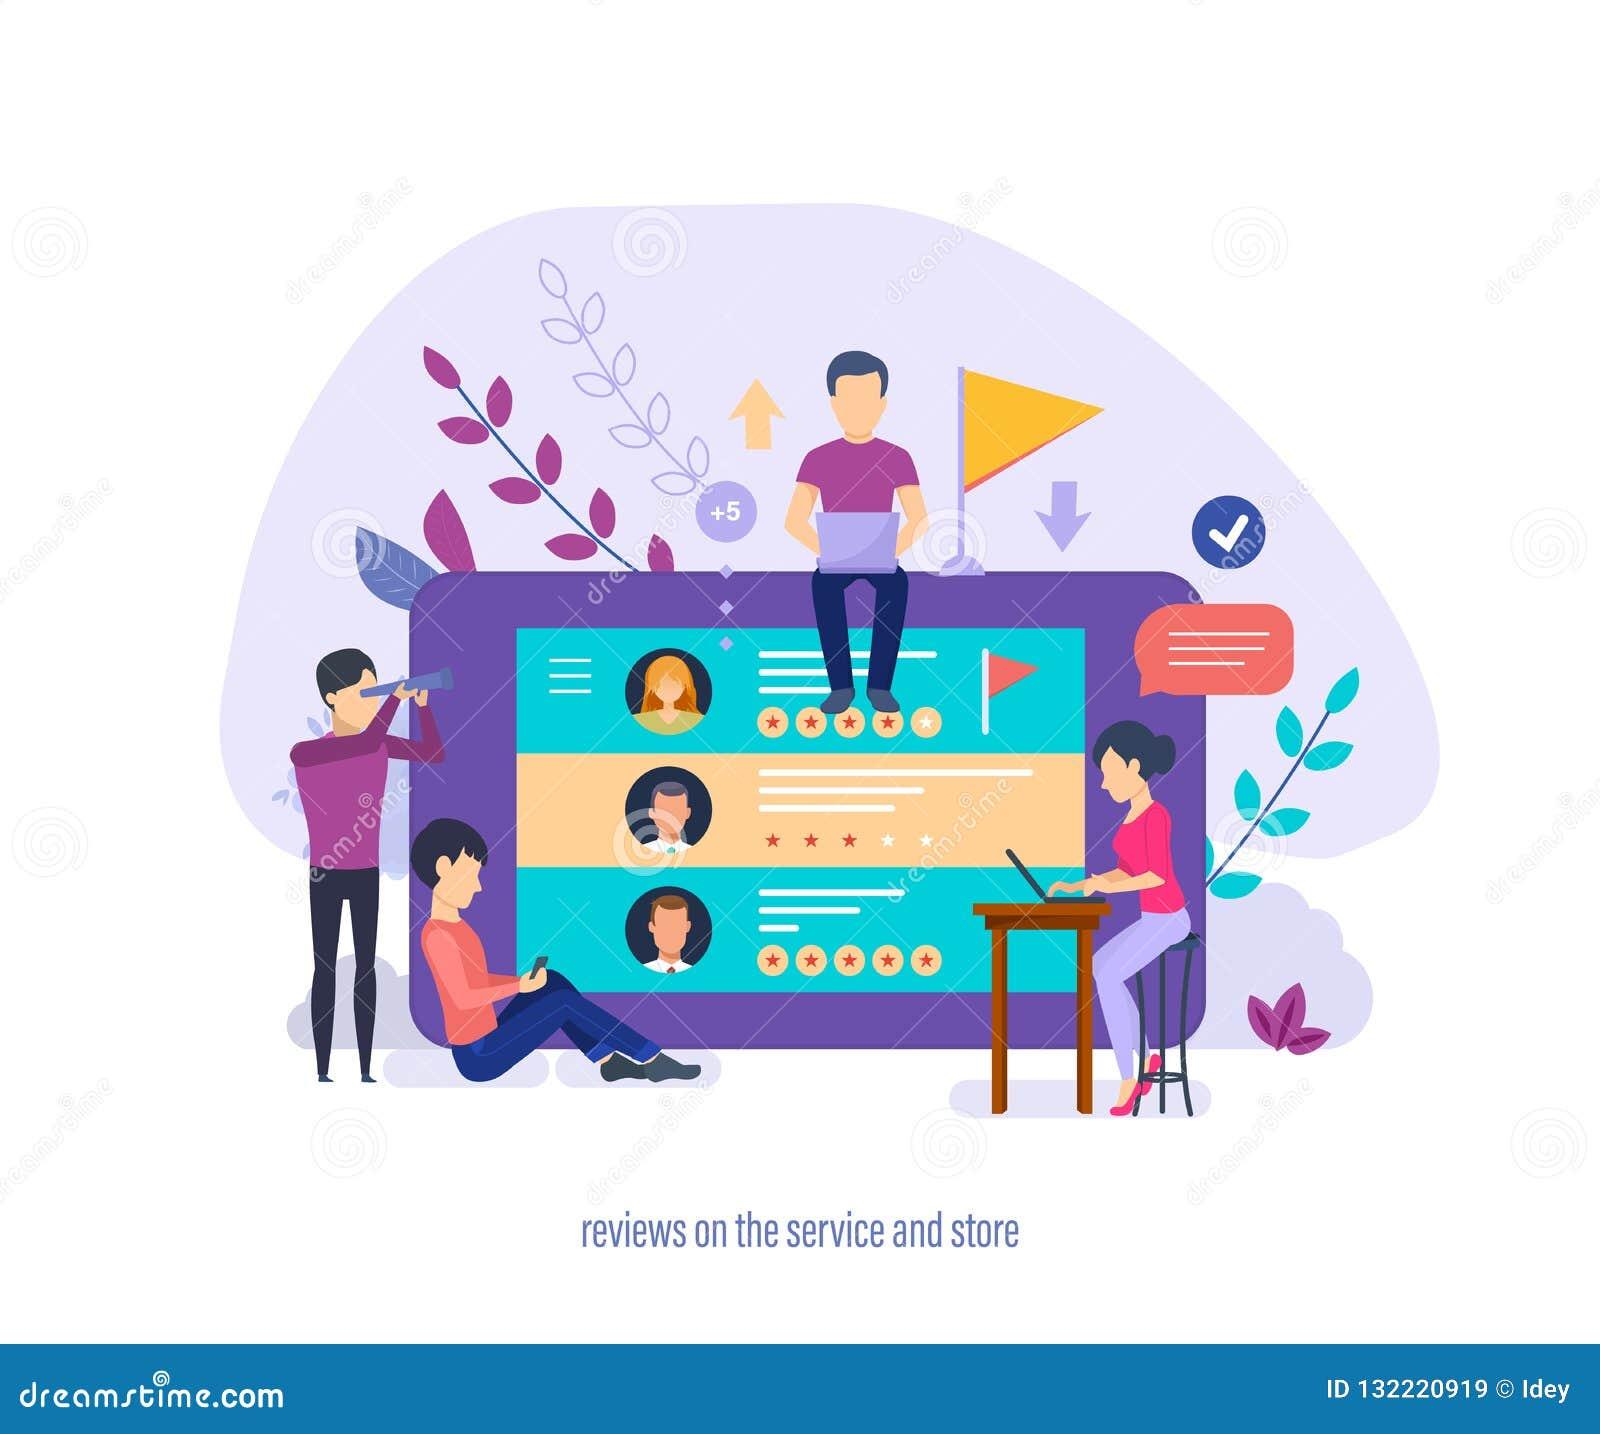 Przeglądy na usłudze i sklepie Cenienia, informacje zwrotne, oceny, rekomendacja listy